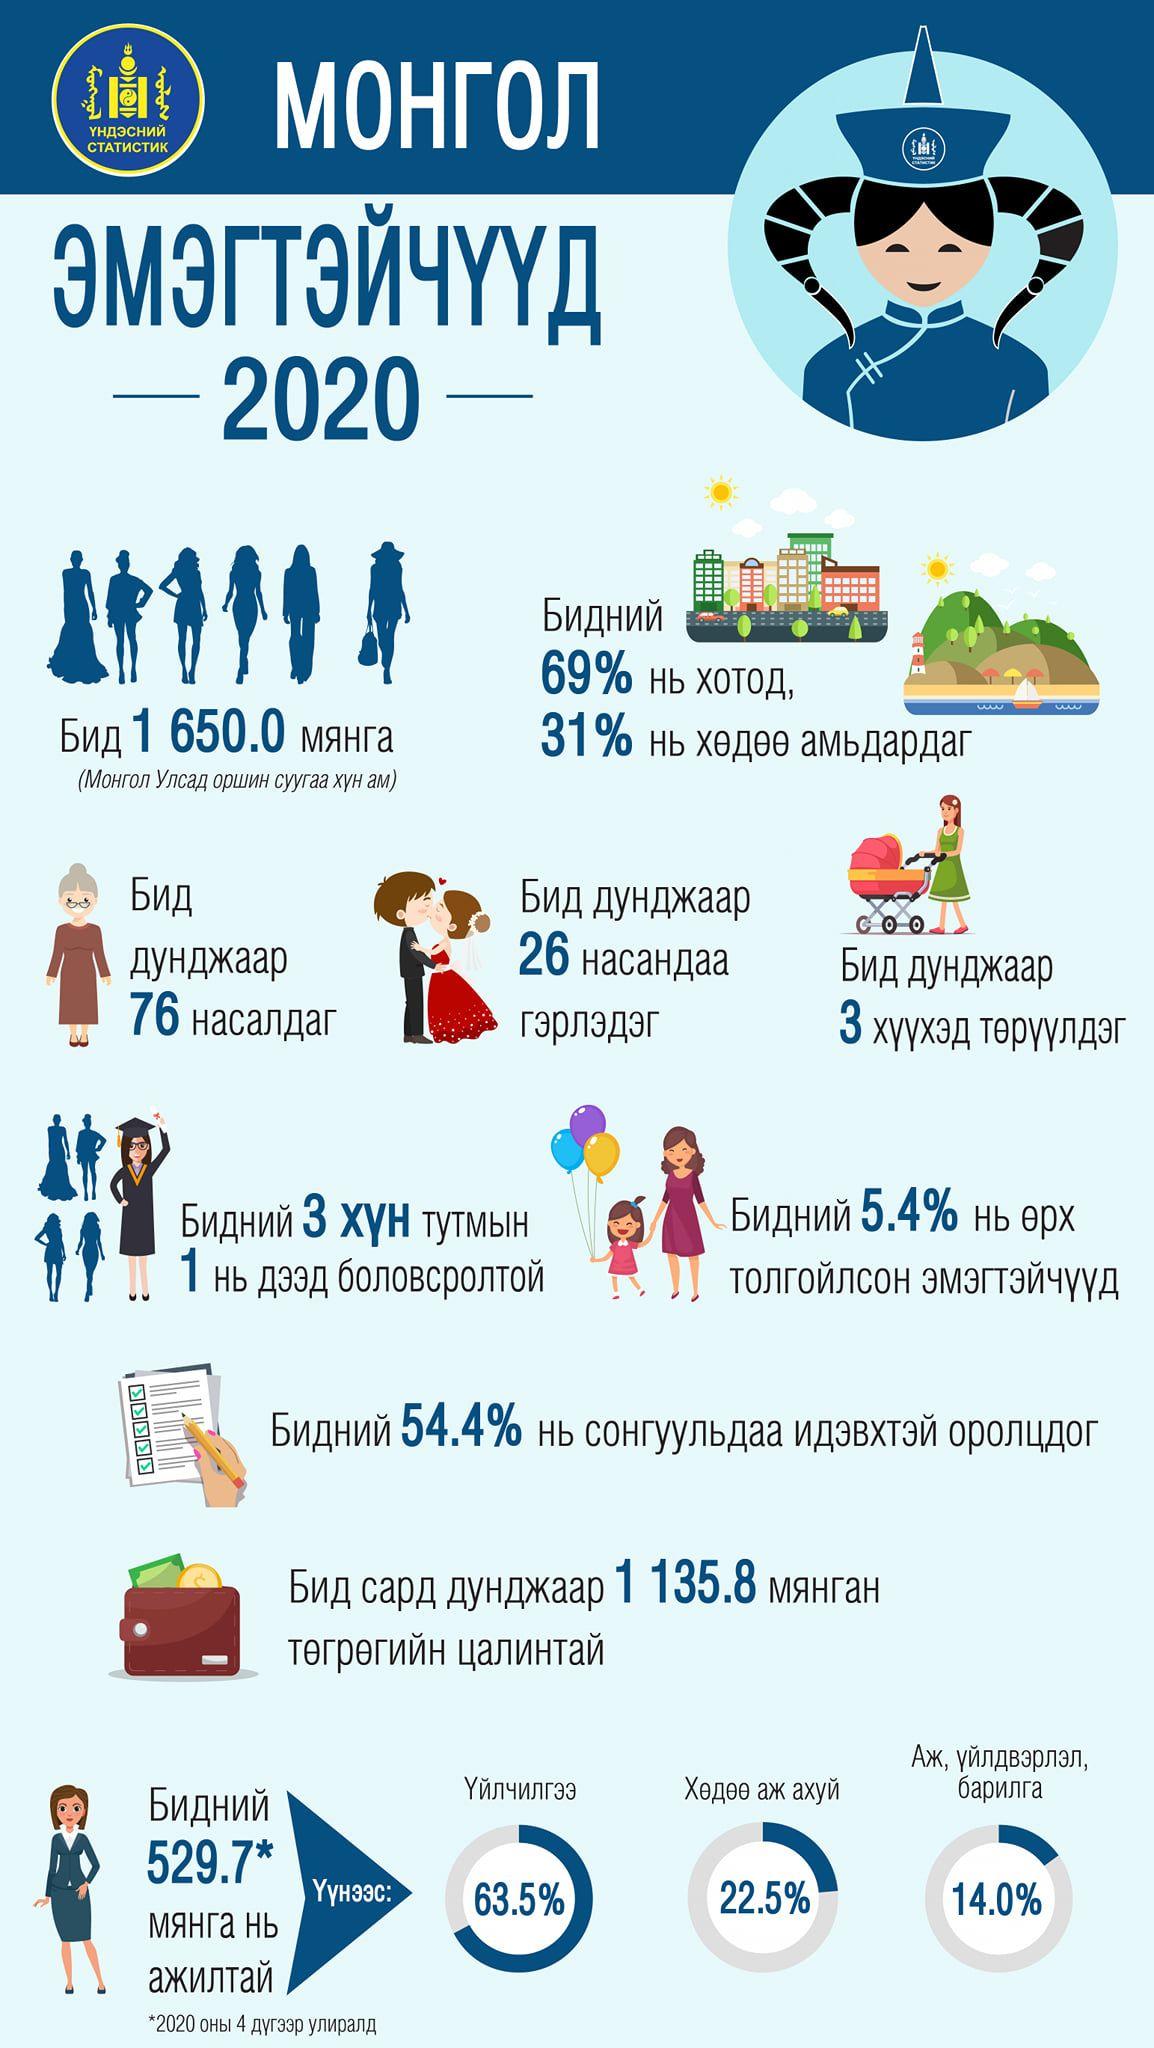 Монголд гурван эмэгтэй тутмын нэг нь дээд боловсролтой